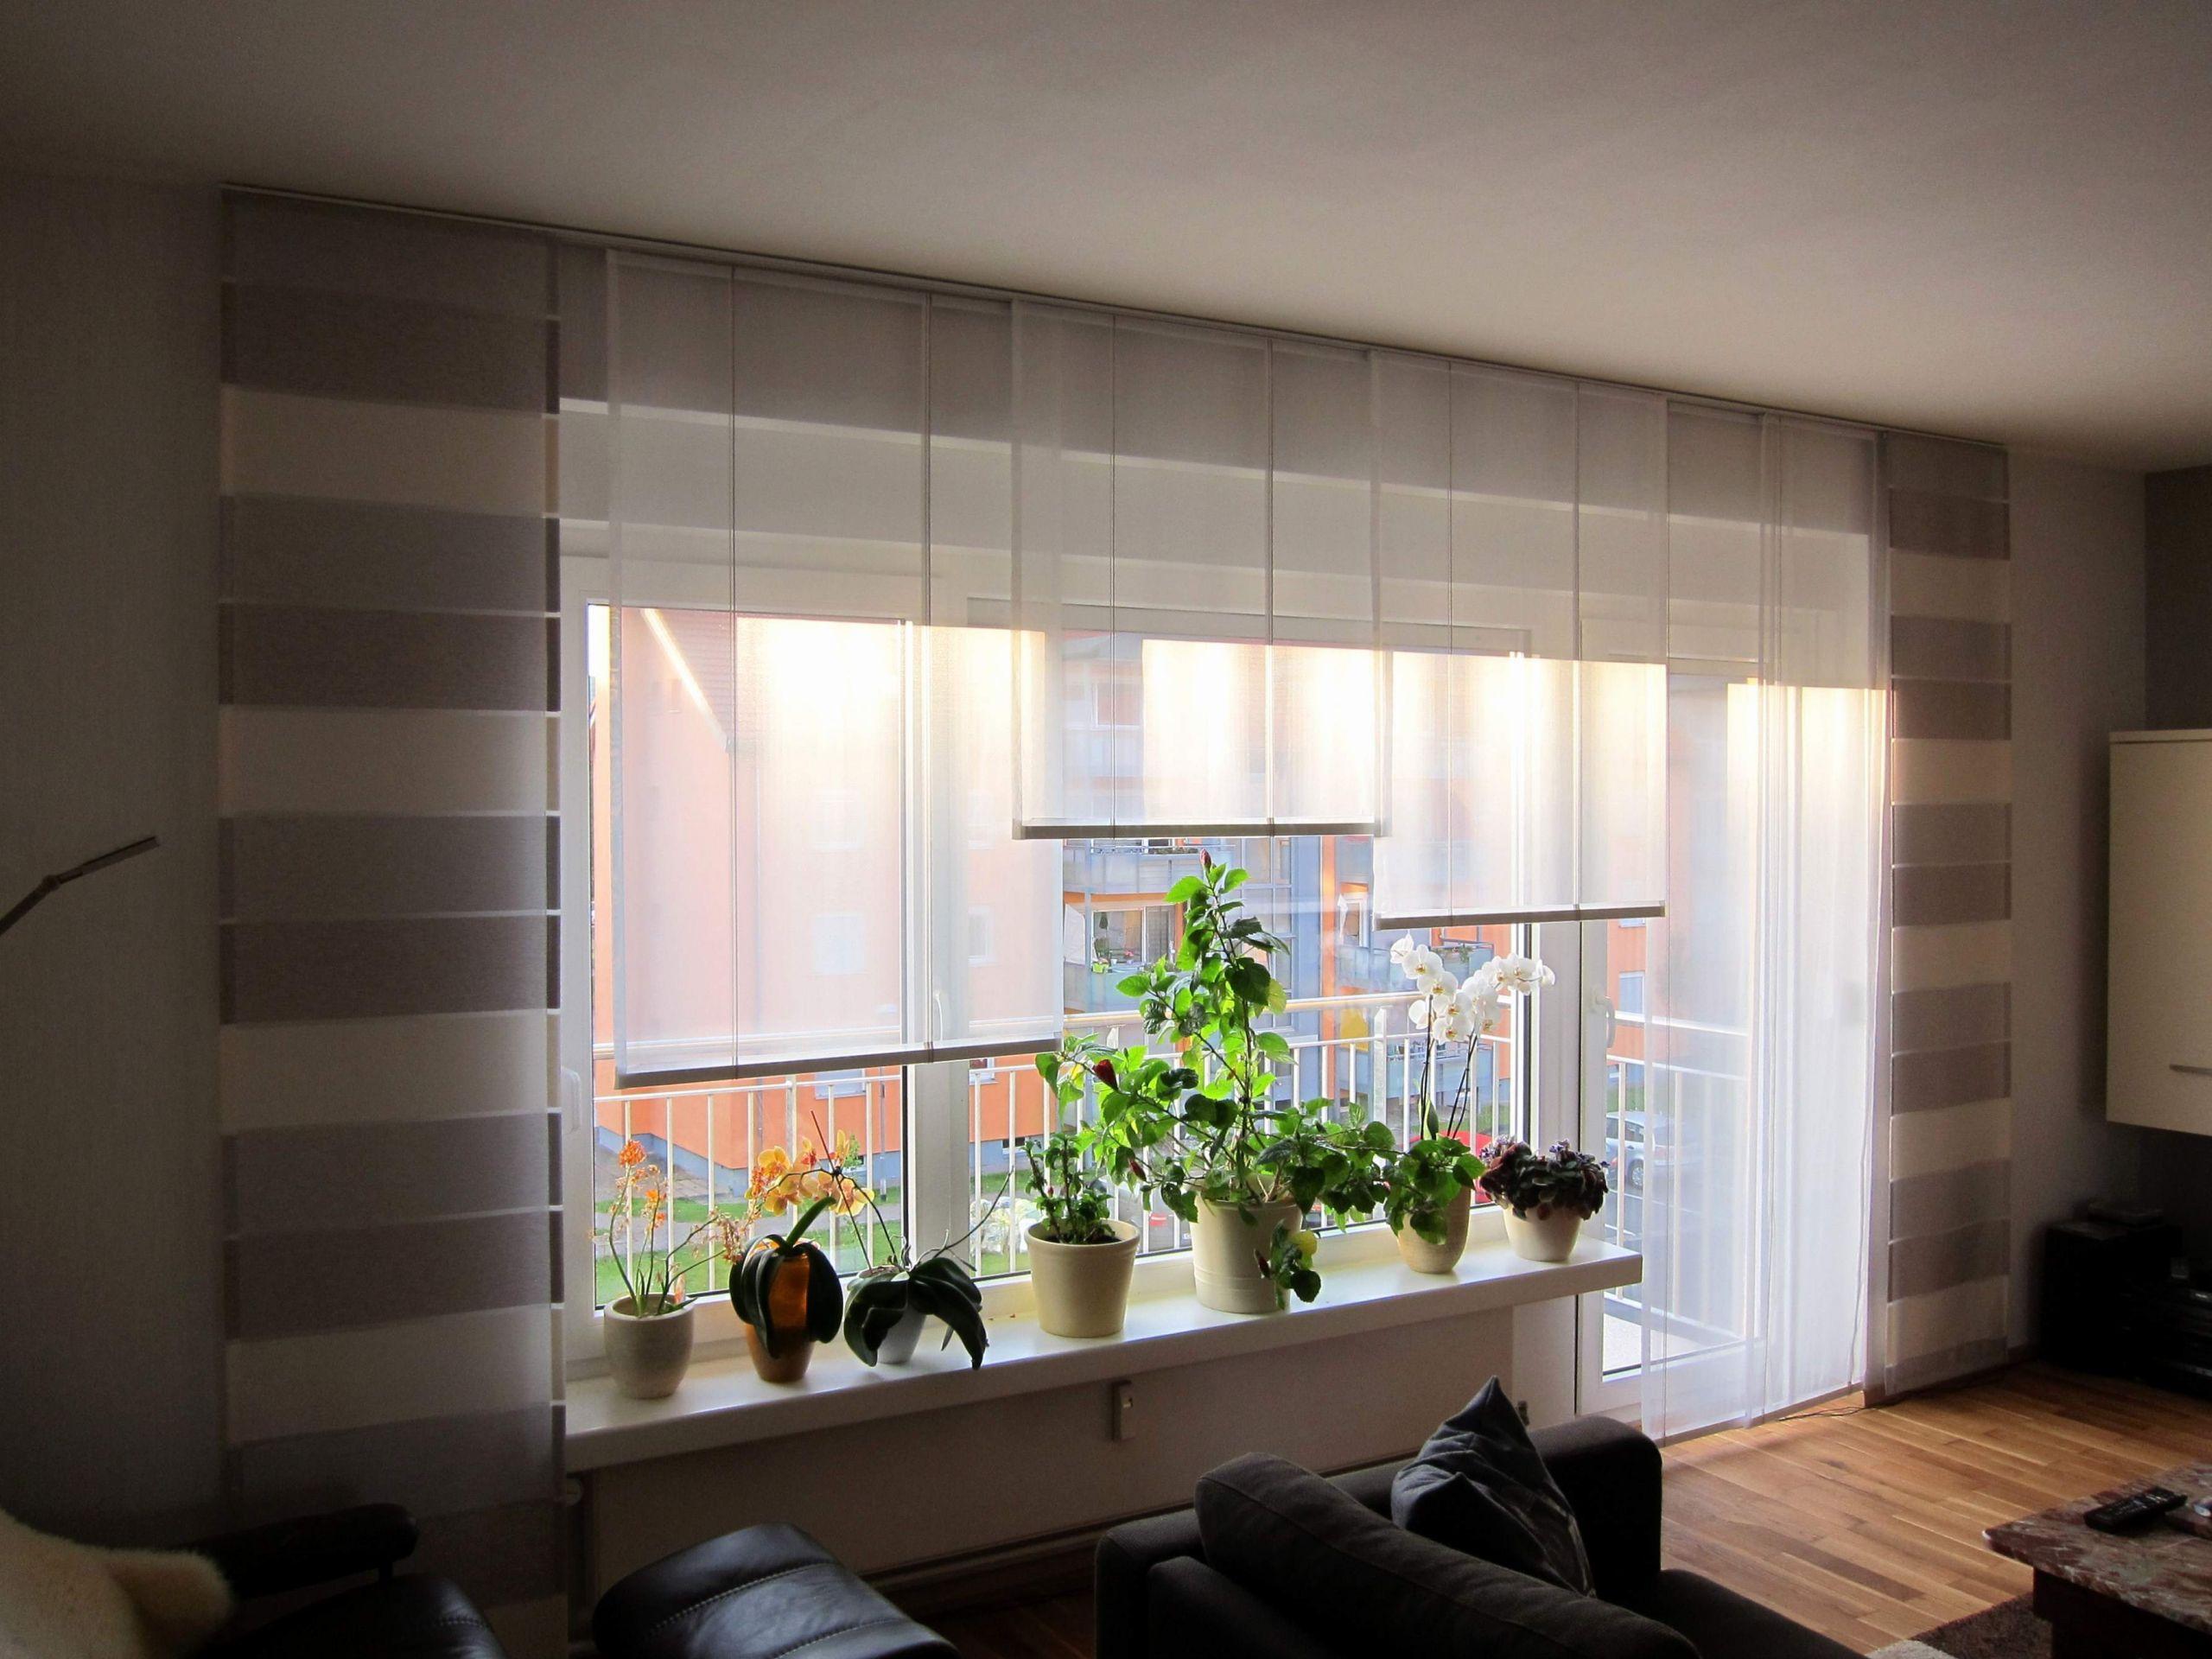 Full Size of Gardinen Kurz Kurzzeitmesser Küche Scheibengardinen Fenster Für Die Schlafzimmer Wohnzimmer Wohnzimmer Gardinen Kurz